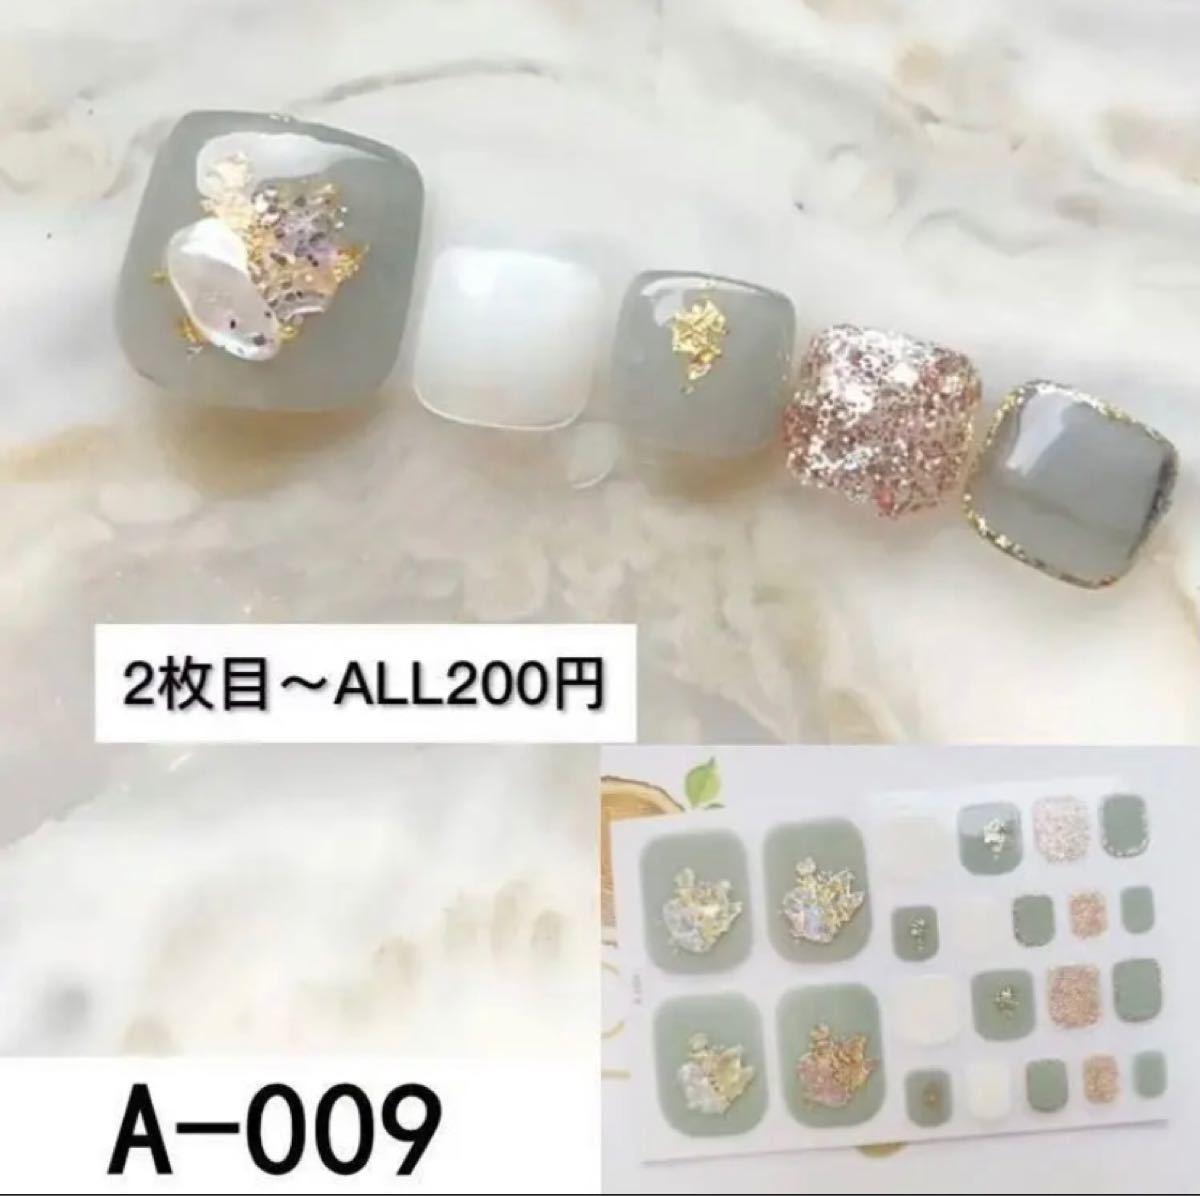 ネイルシール 夏 ミントストーン 金箔 A009 2枚目からALL200円